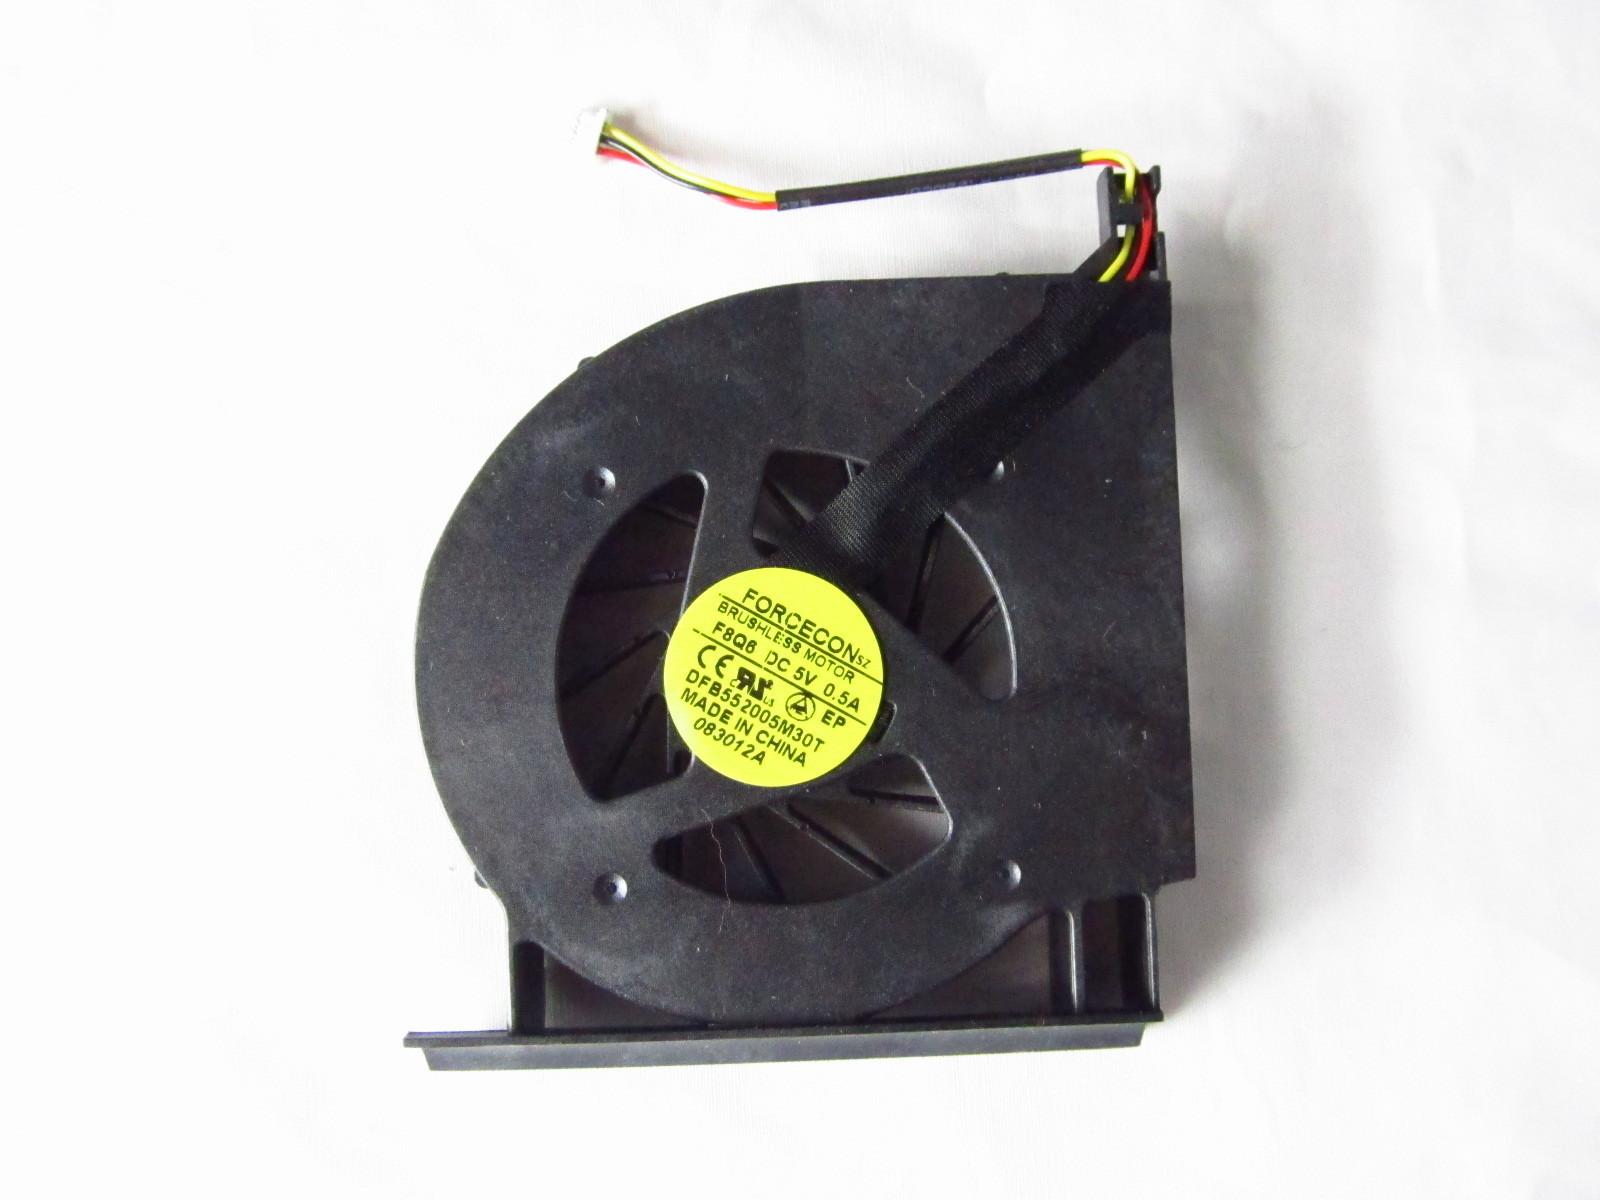 Ventilátor chlazení pro notebooky HP Compaq Presario G61 CQ61 CQ61-100 G71 CQ71 CQ71-100